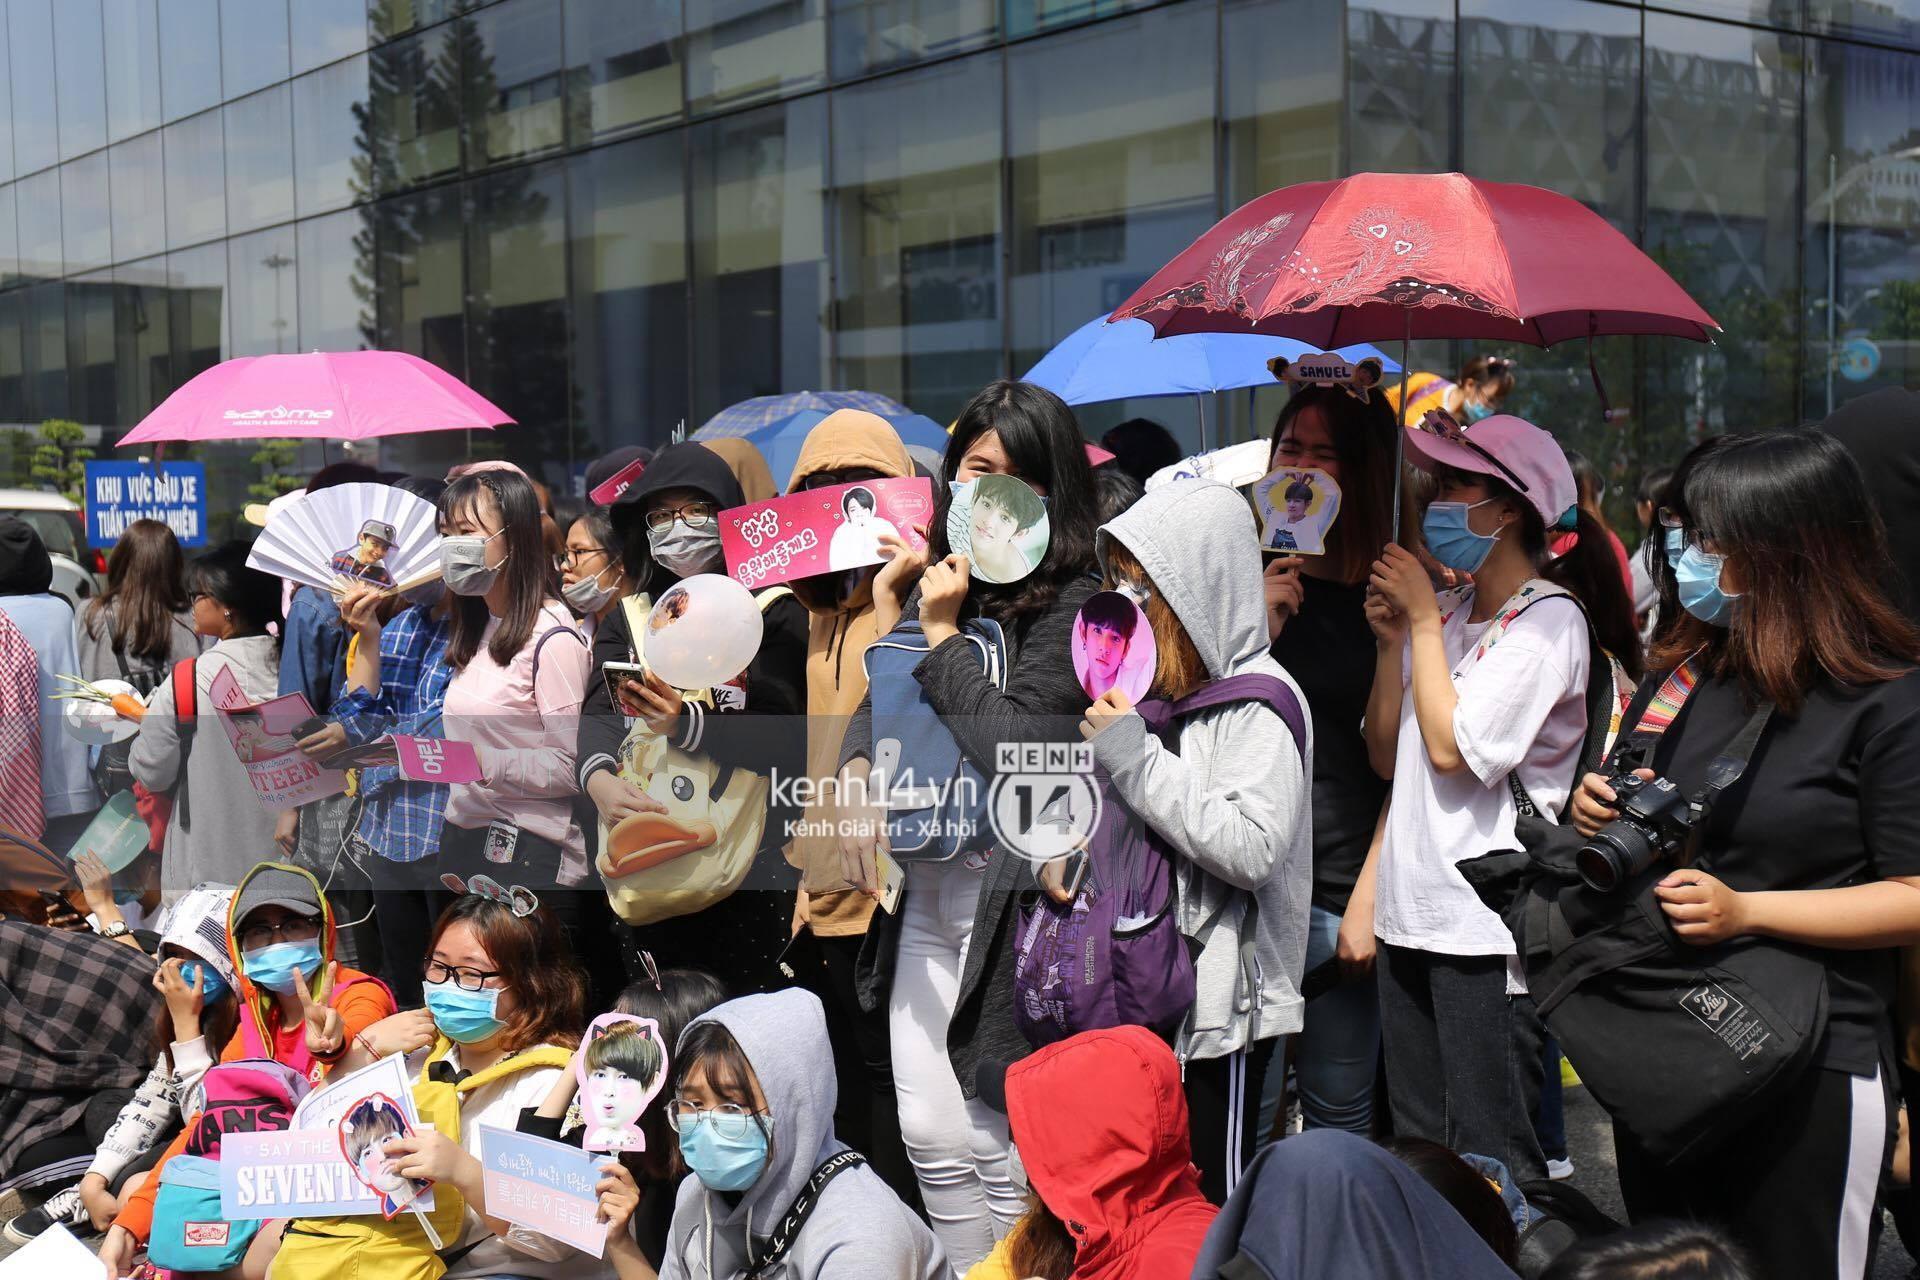 Hoàng tử lai Samuel điển trai, cùng Seventeen ngoái lại chào fan Việt bằng được tại sân bay Tân Sơn Nhất - Ảnh 21.